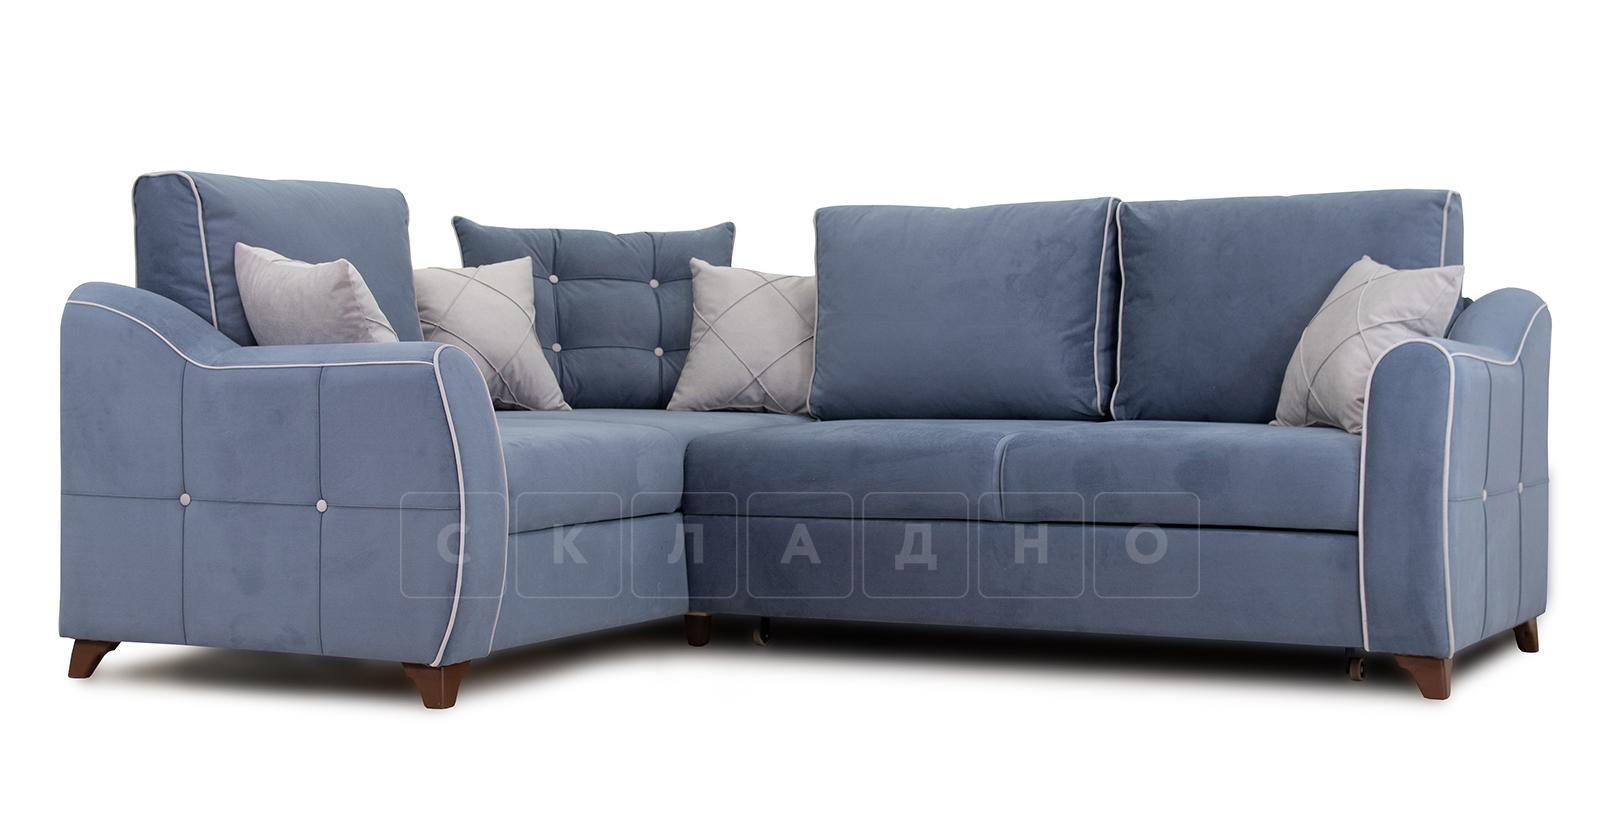 Диван-кровать угловой Флэтфорд серо-синий фото 1 | интернет-магазин Складно